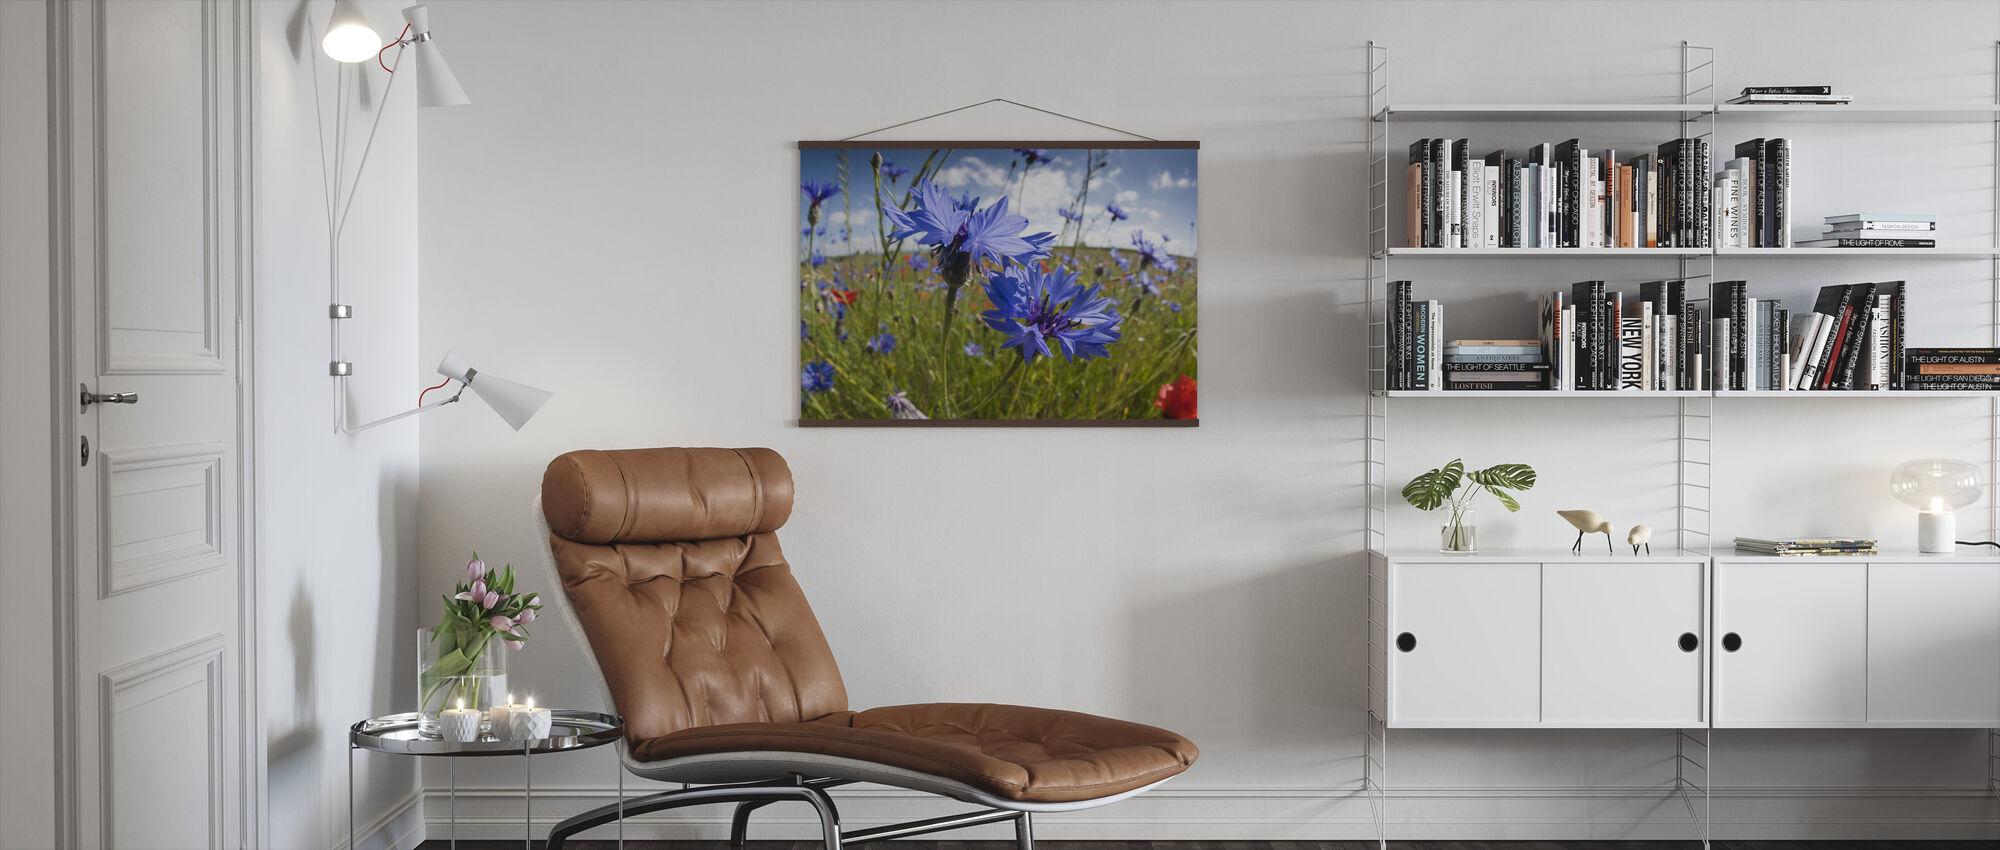 Korenbloemen op braakvelden - Poster - Woonkamer